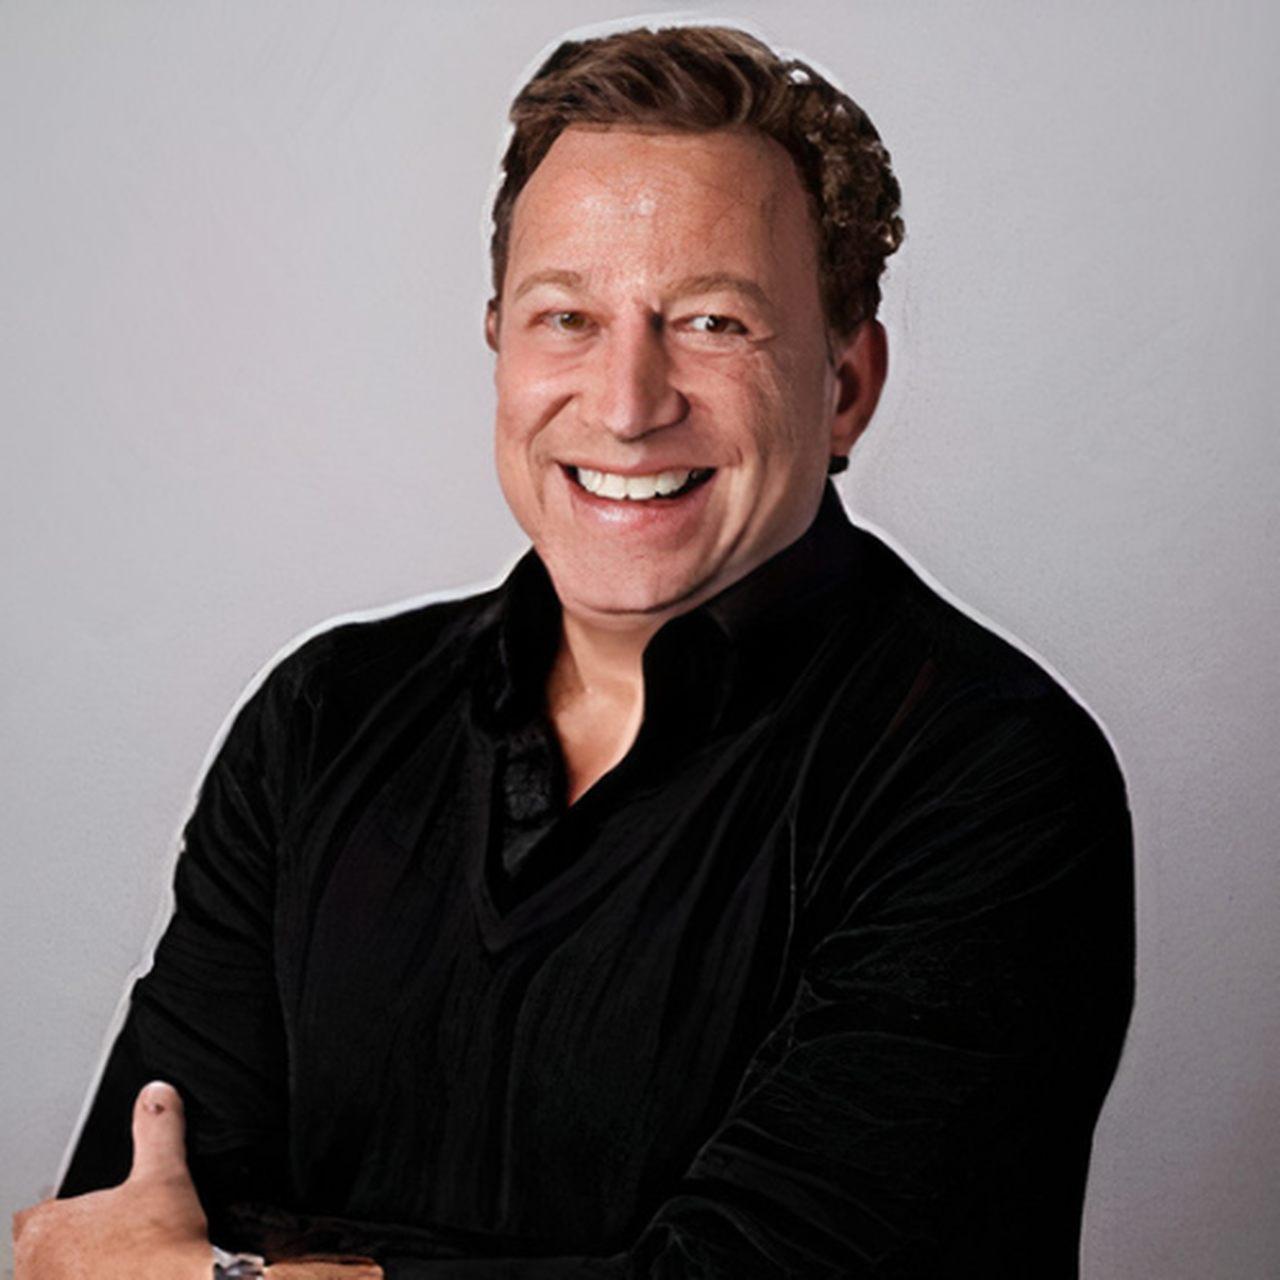 Peter Linas